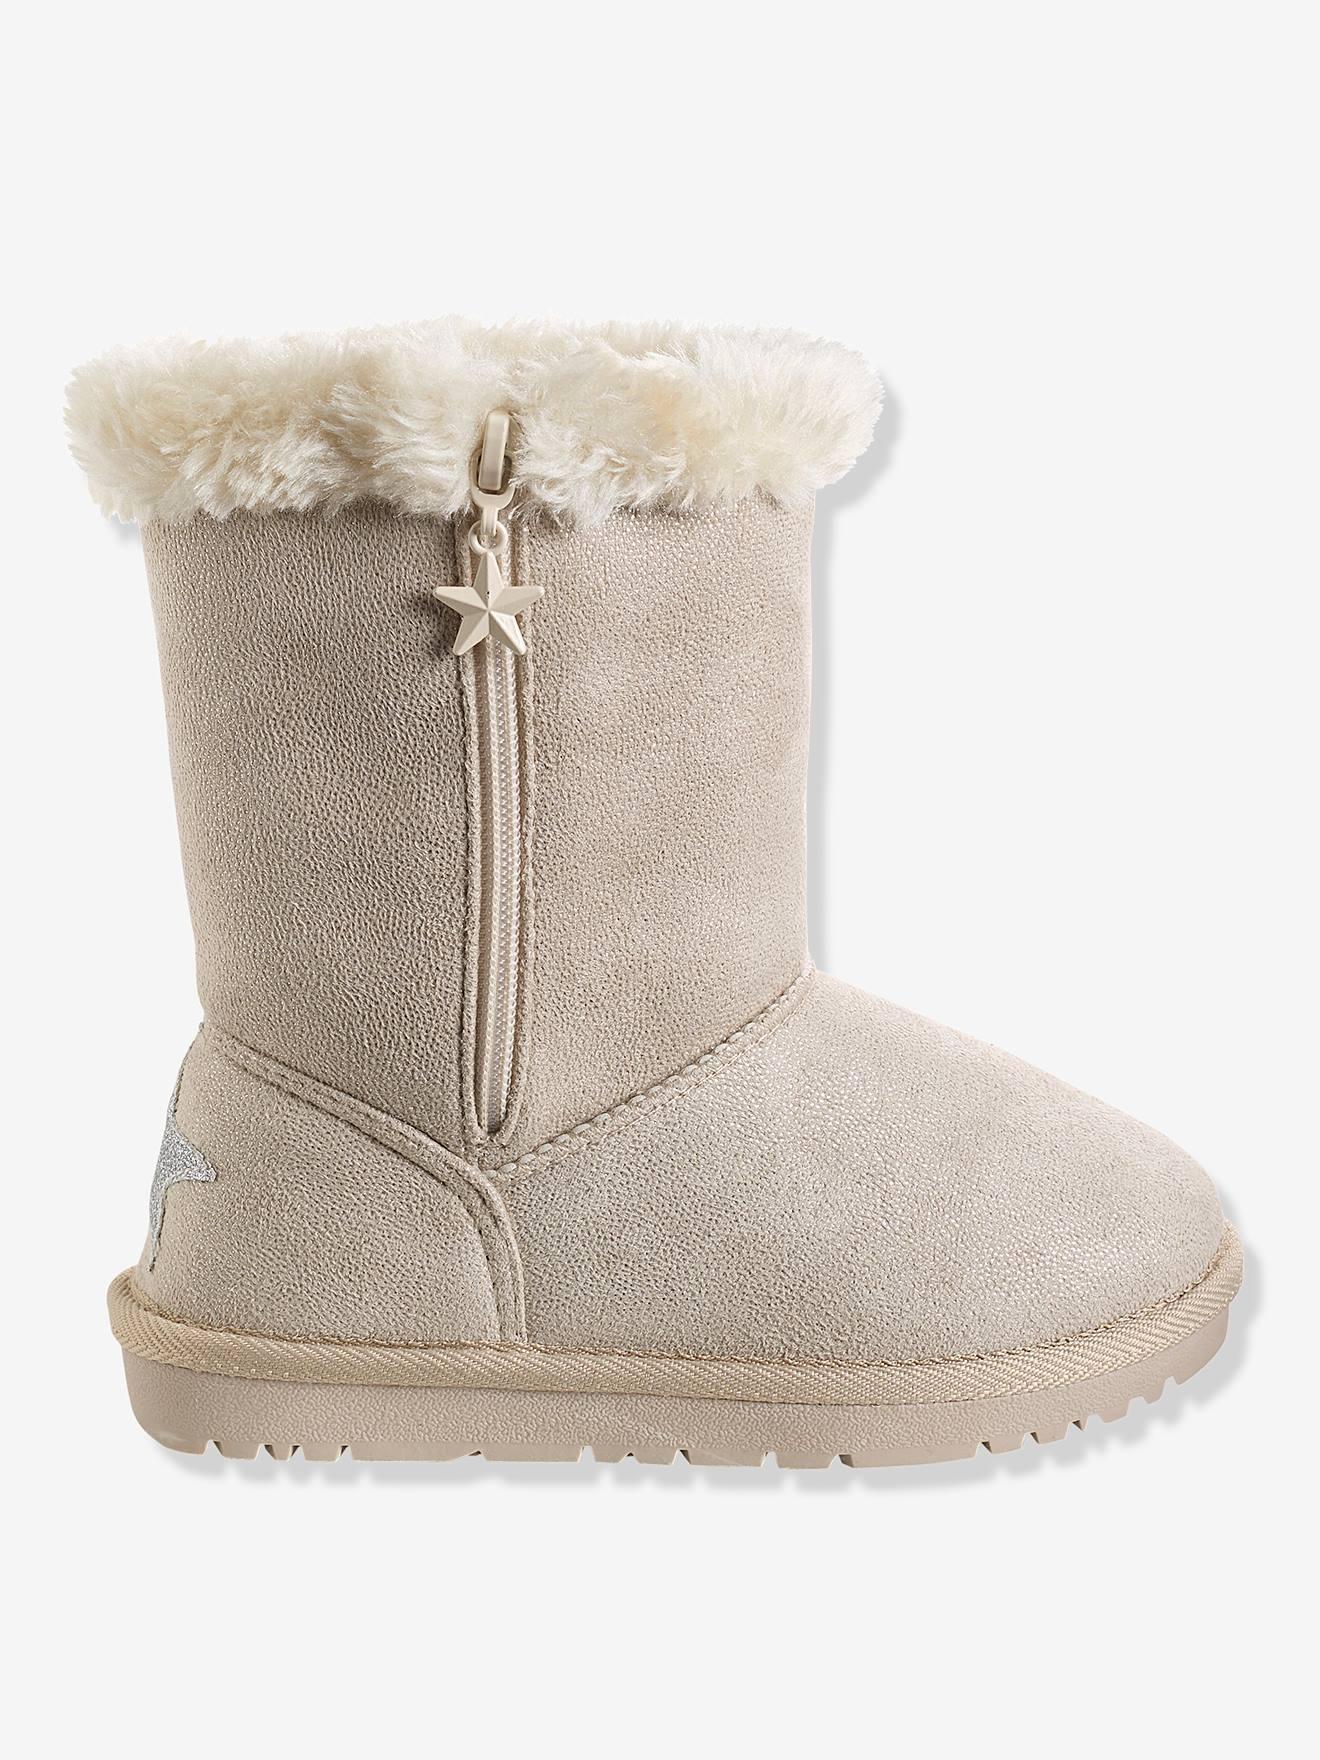 Chaussures,Bottes fourrées fille